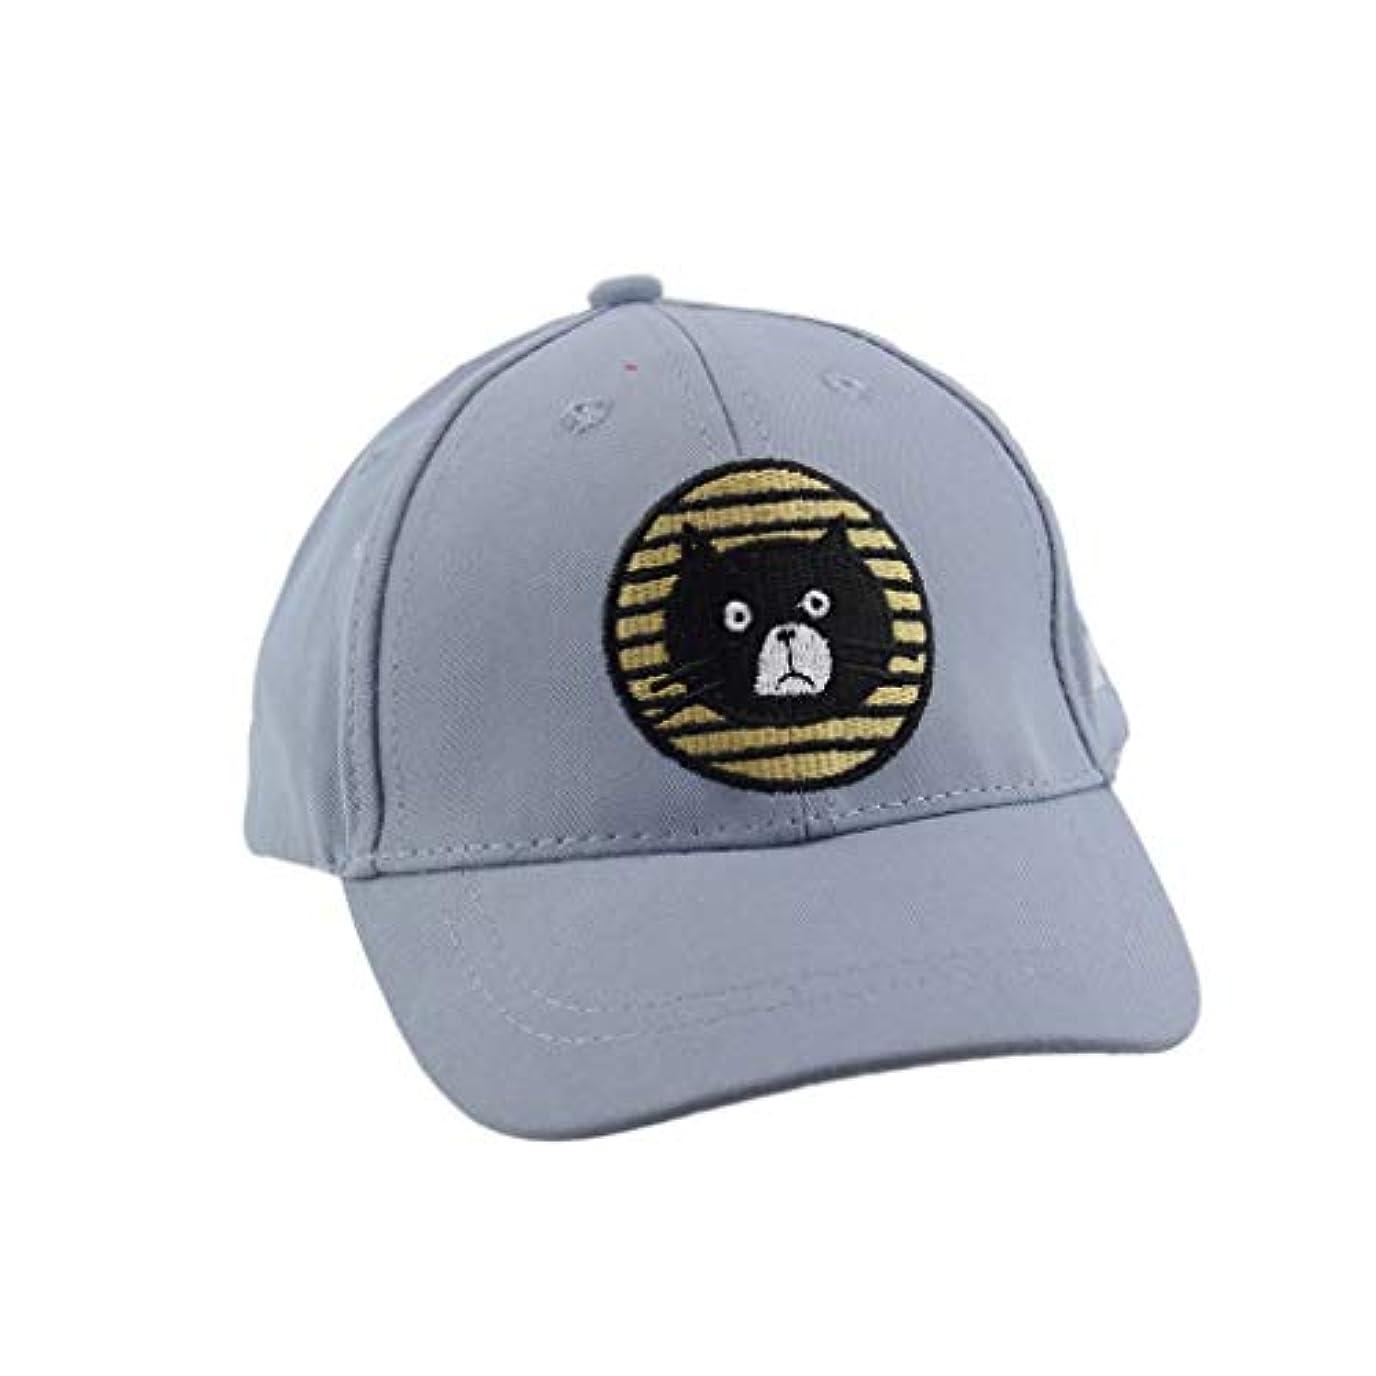 笑適切に内部Kaiweini 春夏新しい漁夫帽子供しゃれ ベビー帽 通気性抜群 日除け UVカット 紫外線対策スポーツ帽子男女兼用 速乾 軽薄 日よけ野球帽